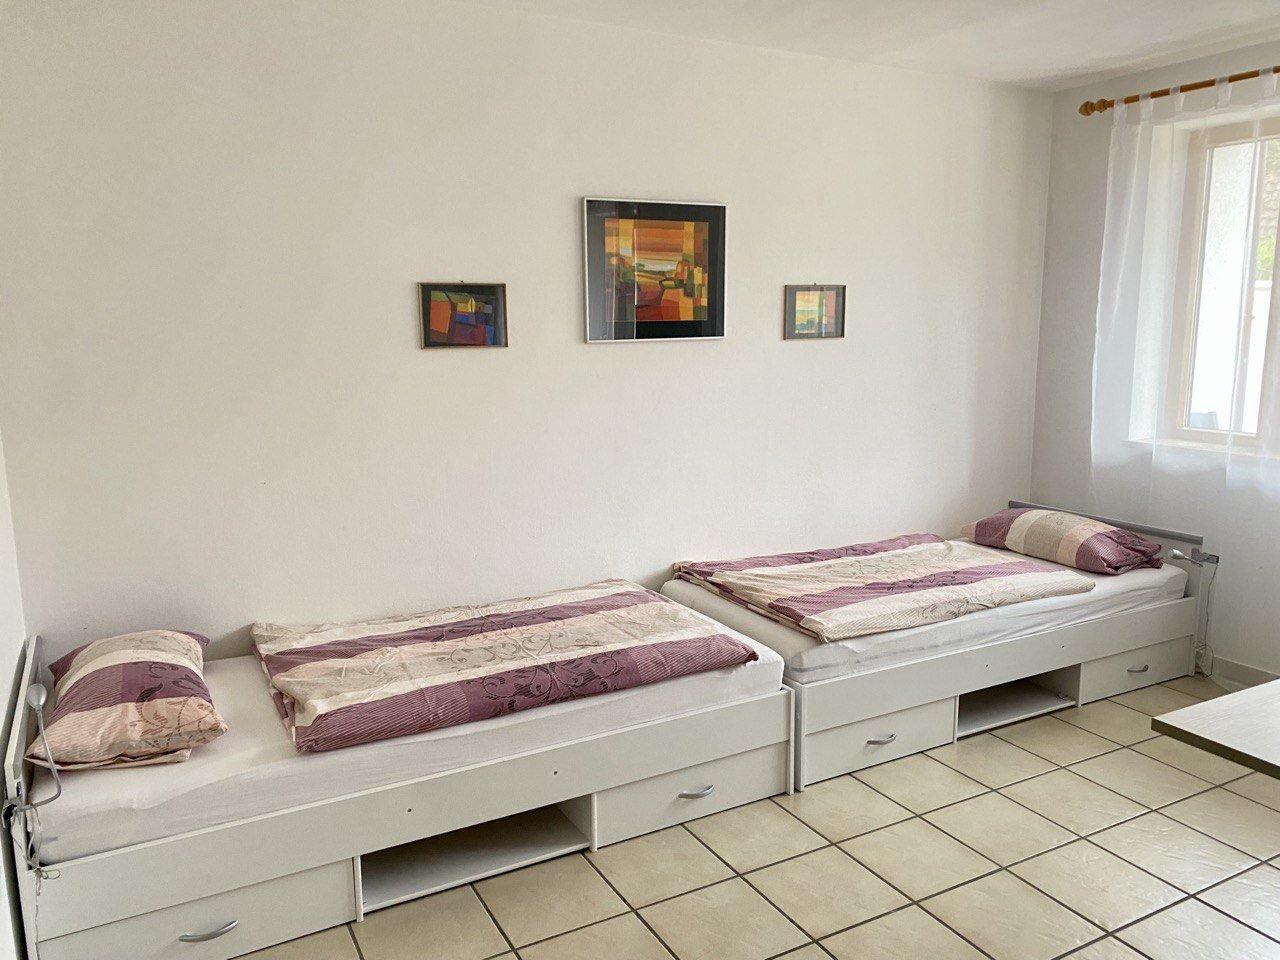 Wohnzimmer mit 2 Einzelbetten